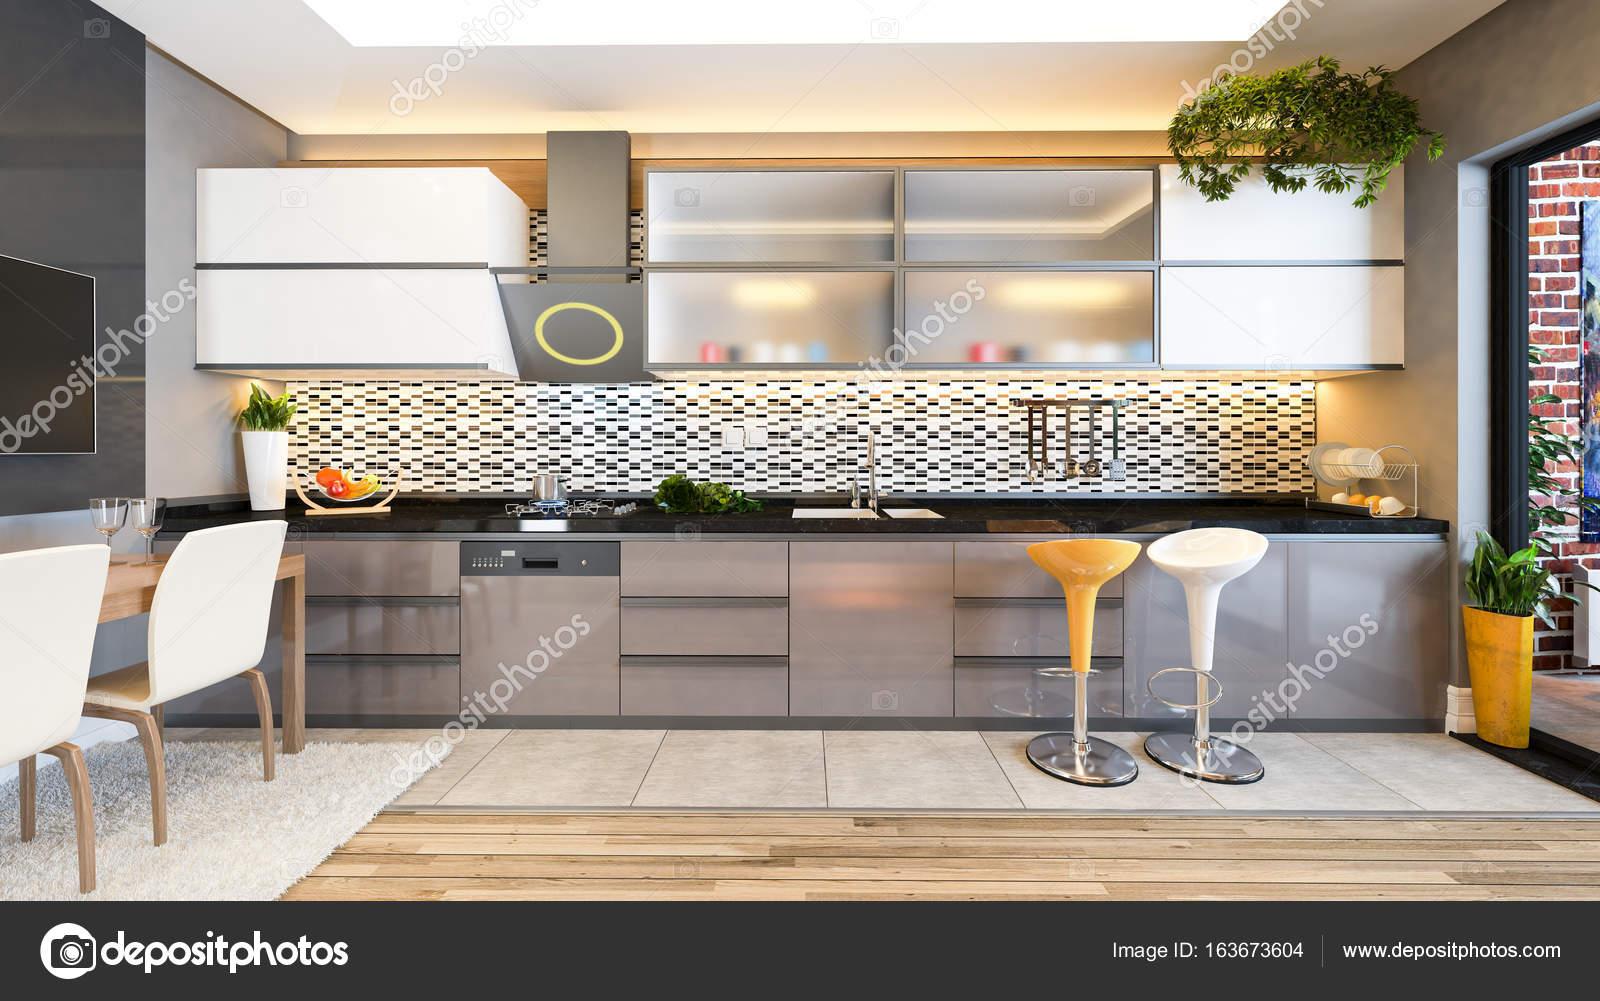 Keuken Ideeen Kleur : Ideeen interieur keuken modern keuken ideeen kleuren atumre